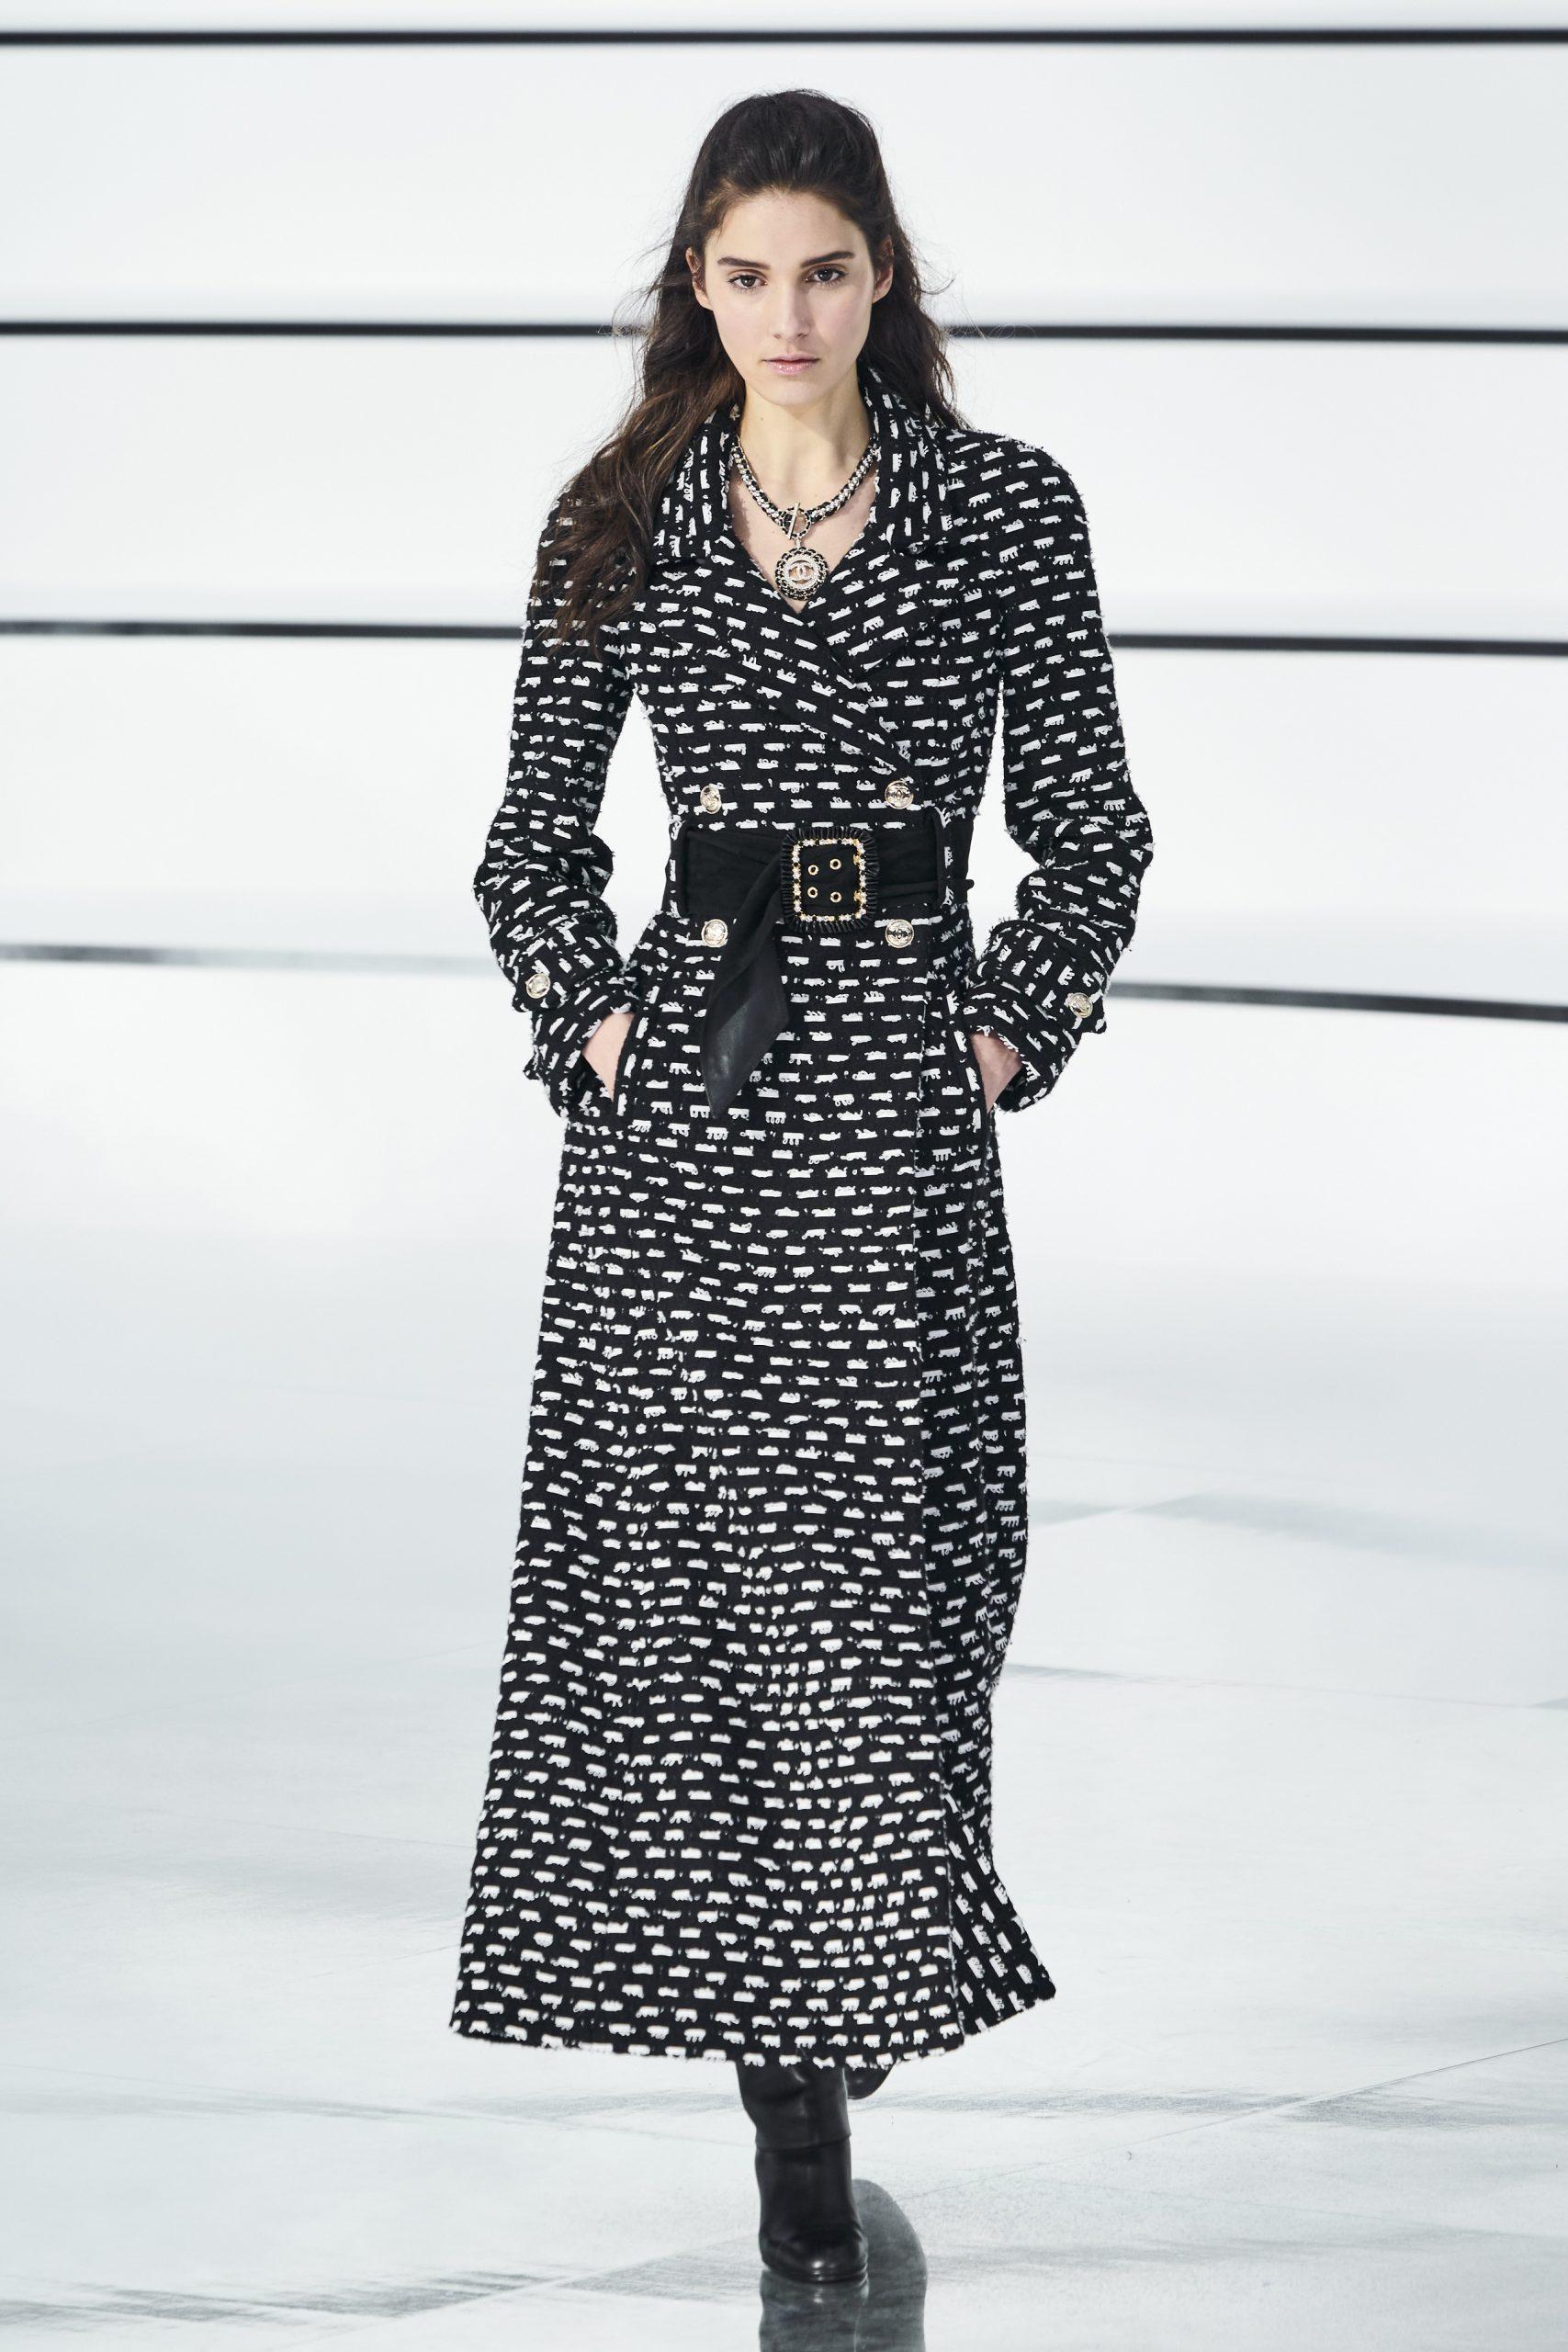 Cómo llevar el abrigo, modelo de Chanel